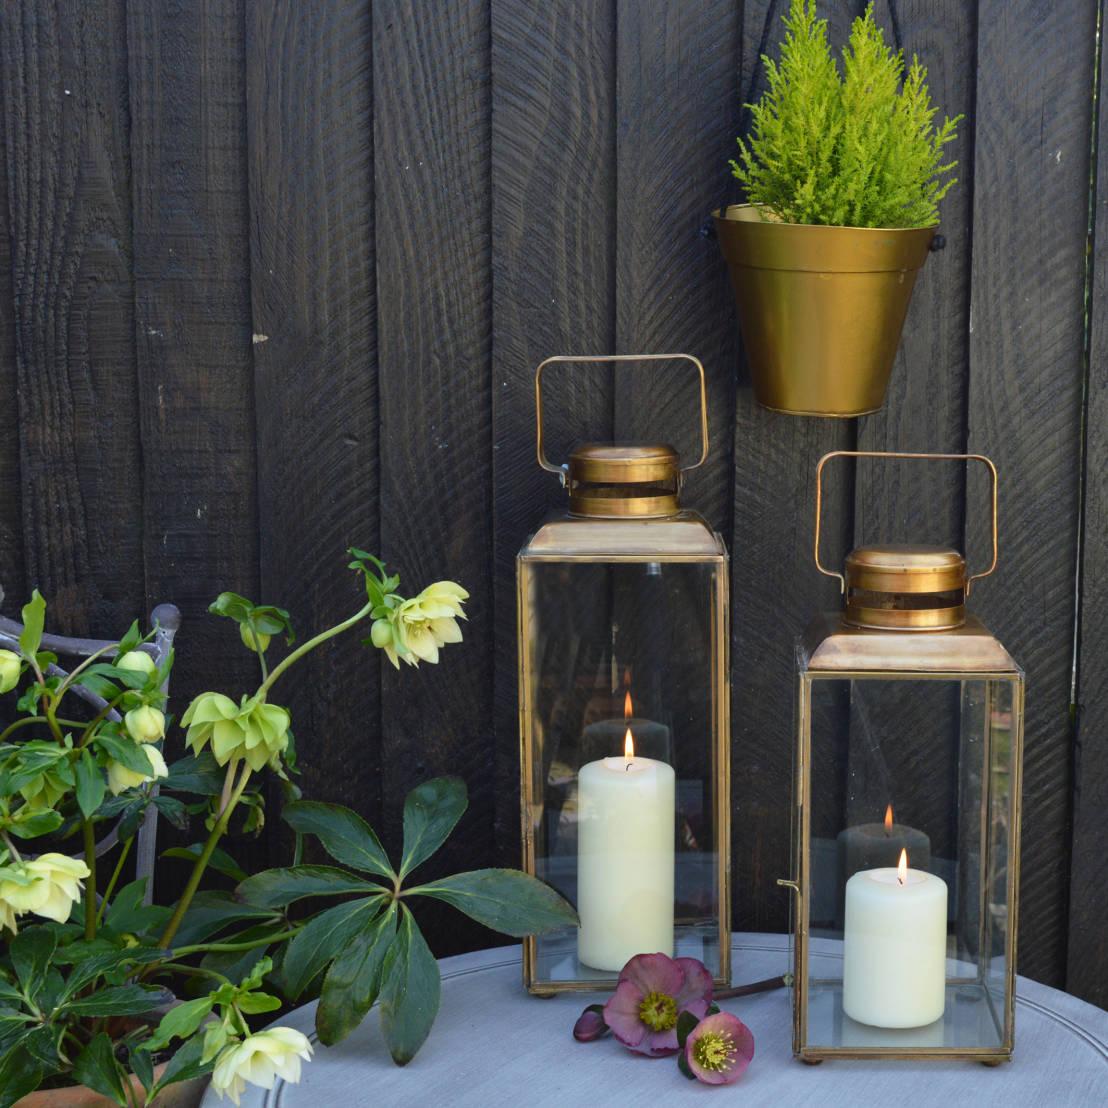 Leuke herfst decoratie idee n voor in de tuin lifestyle blog for Ideeen voor tuin